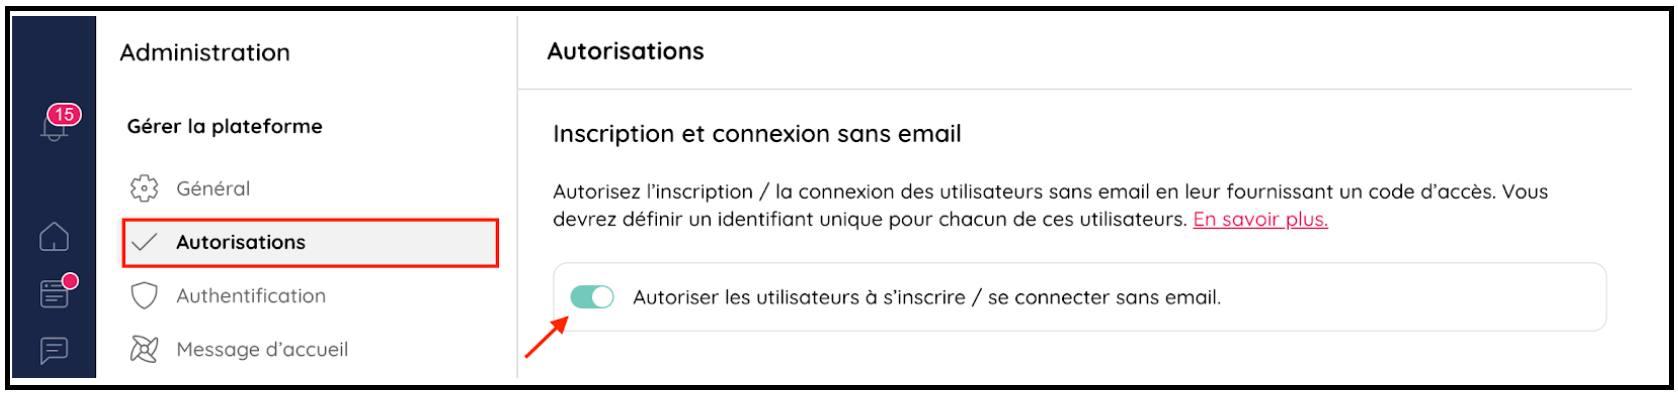 Autoriser les utilisateurs à s'inscrire ou se connecter sans email